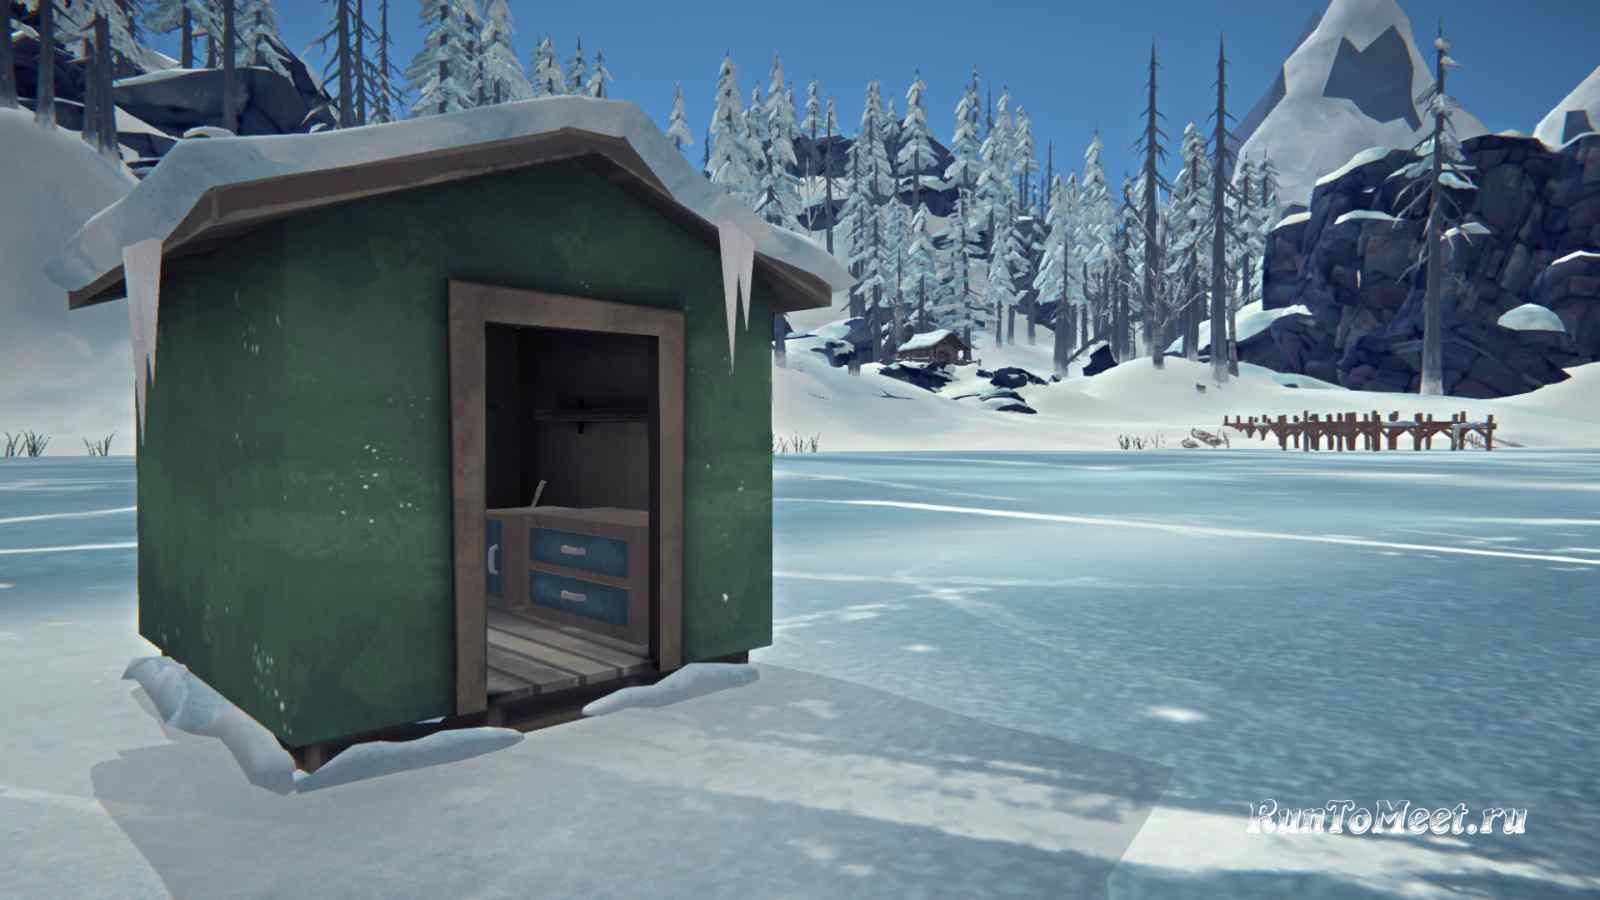 Рыбацкий домик на Кристальном озере Волчьей горы, в игре The long dark